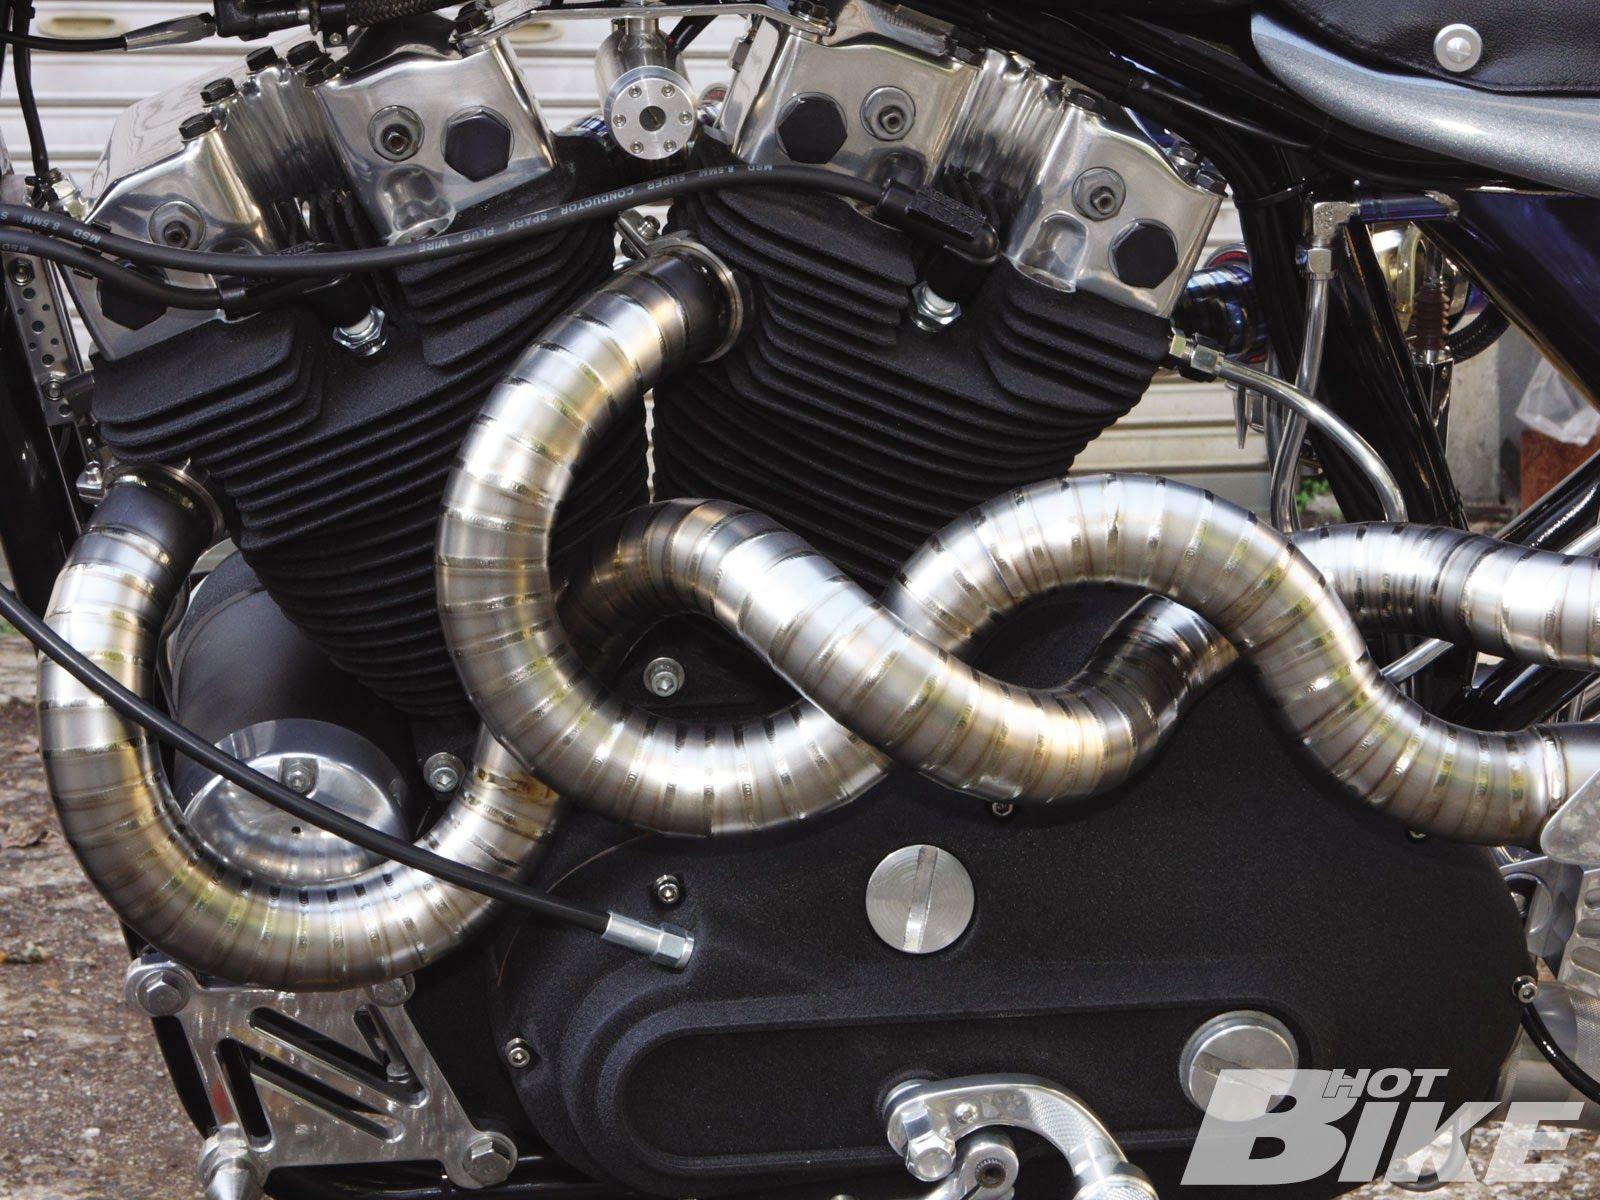 Custom Motorcycle Exhaust #Exhaust | Motorcycle - Inspiration